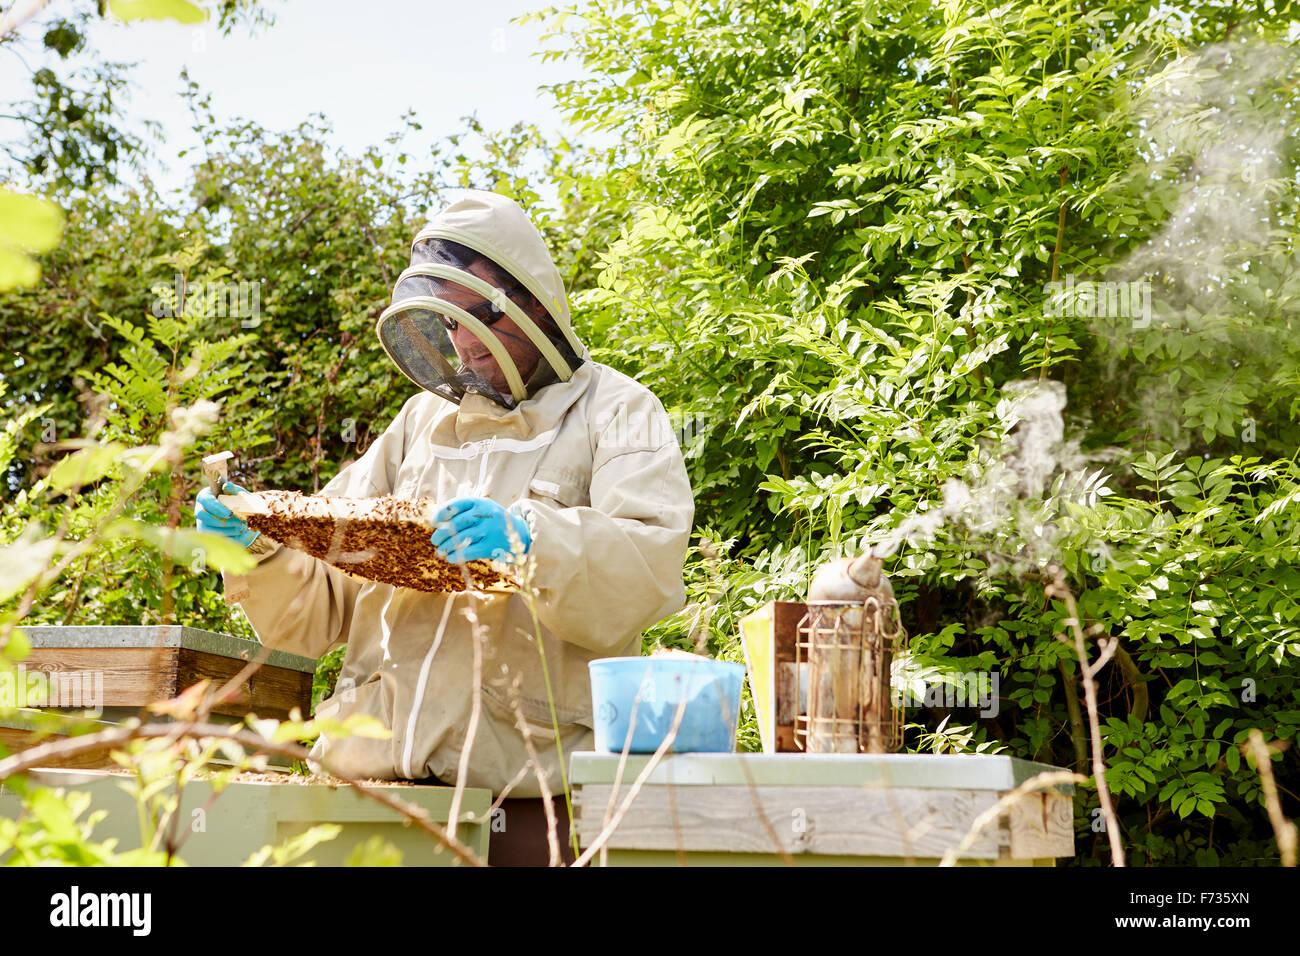 Ein Imker in einem Imkerei-Anzug mit Gesicht-Schutz überprüfen und seine Bienenstöcke öffnen. Stockbild